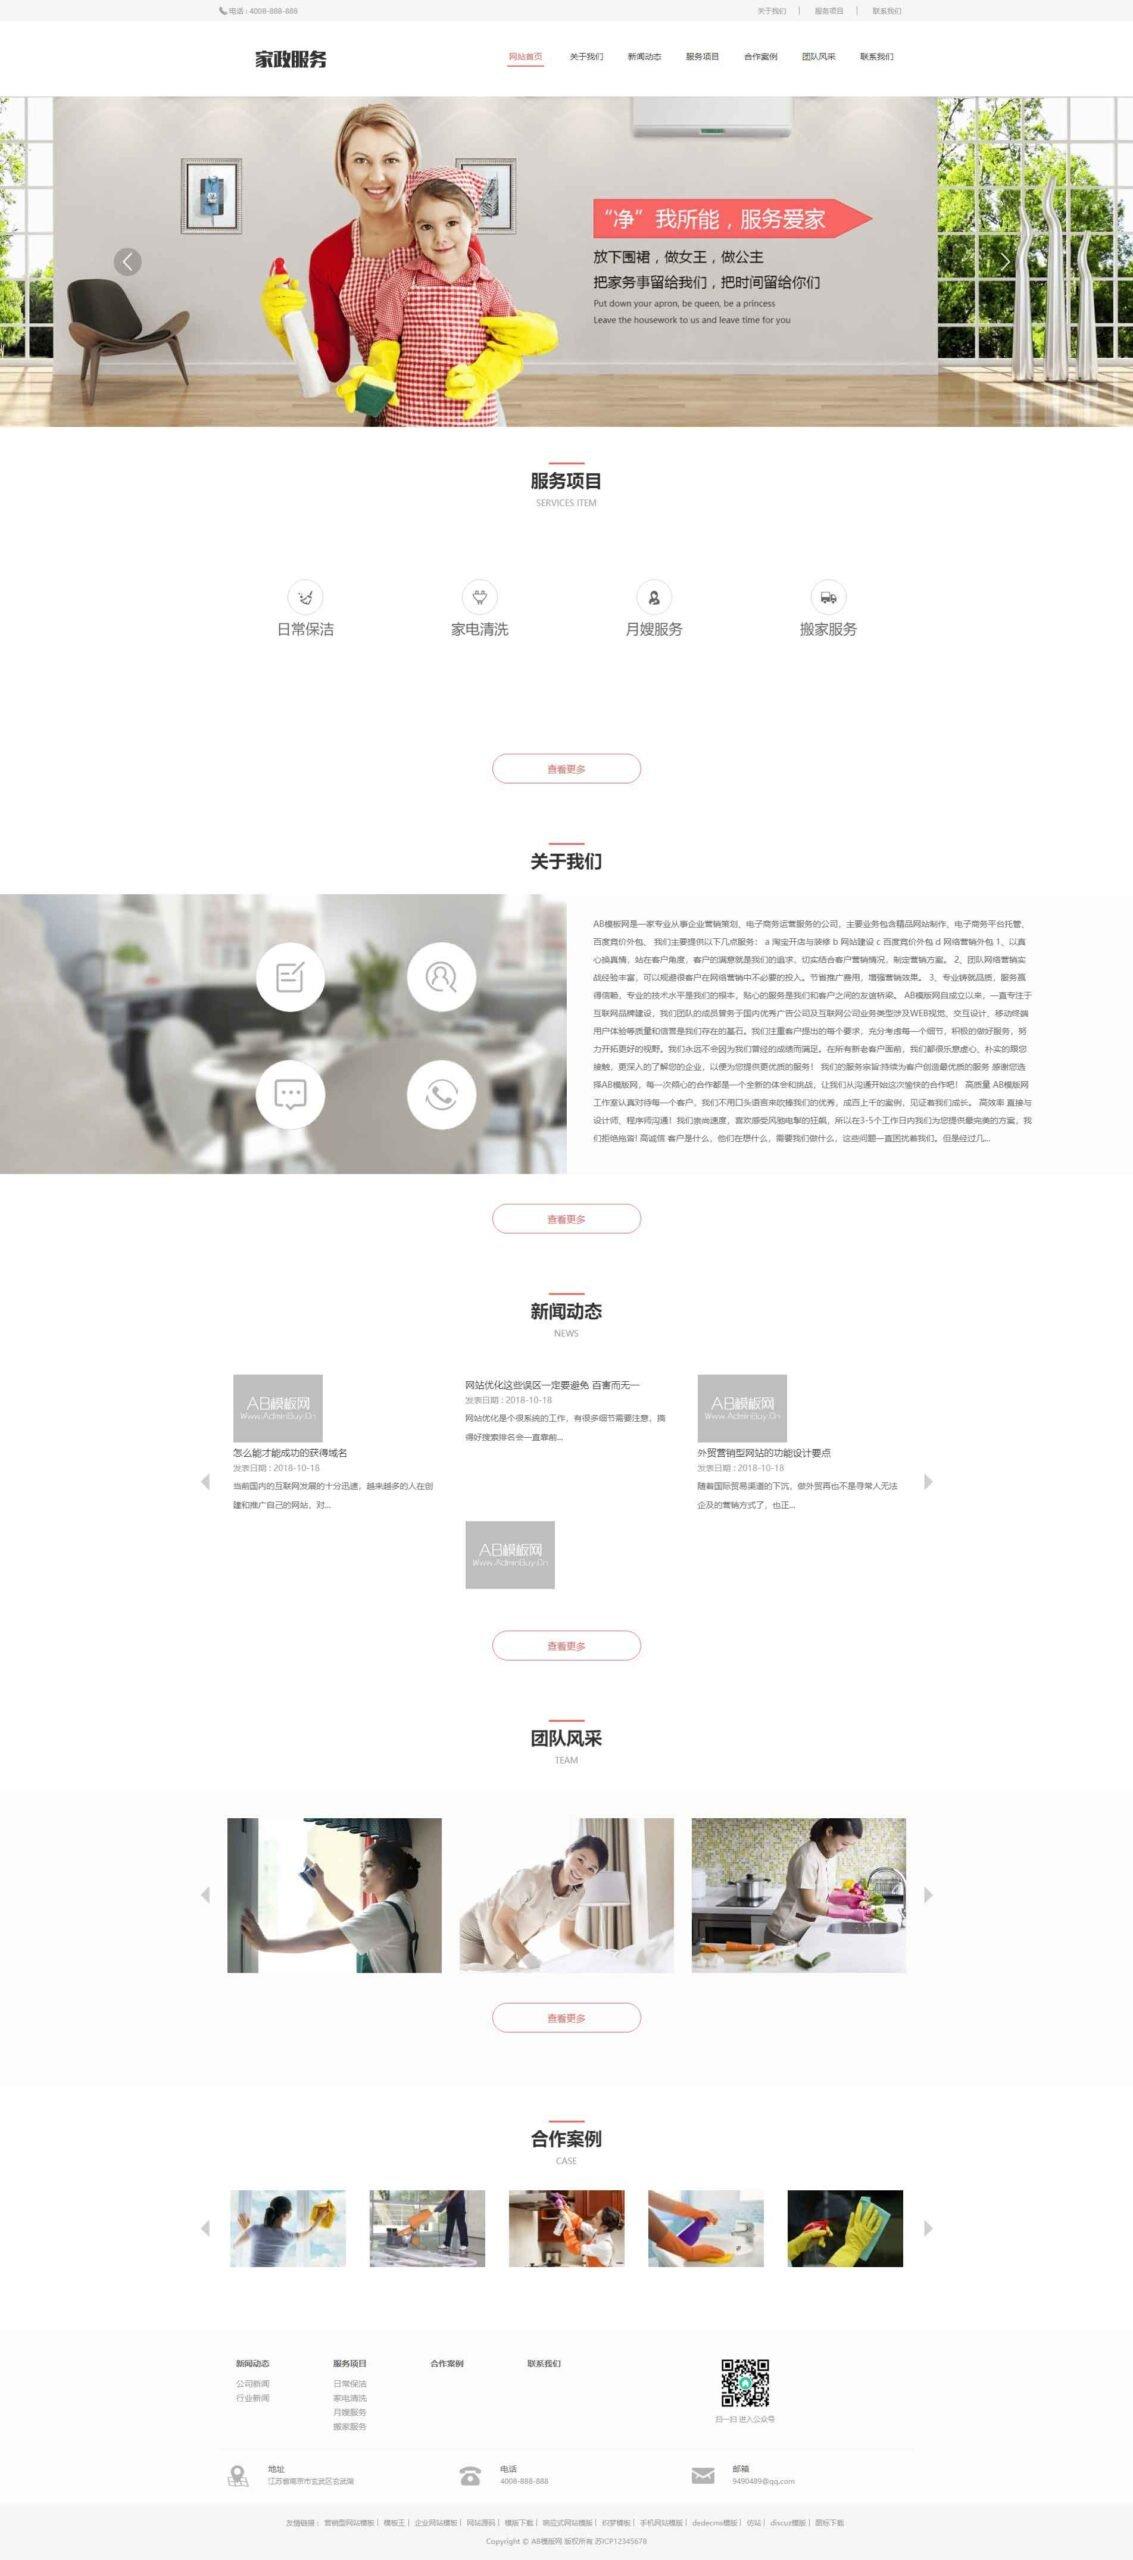 鹤云资源博客-清洁保洁家政服务企业网站织梦dede模板源码[自适应手机版]插图